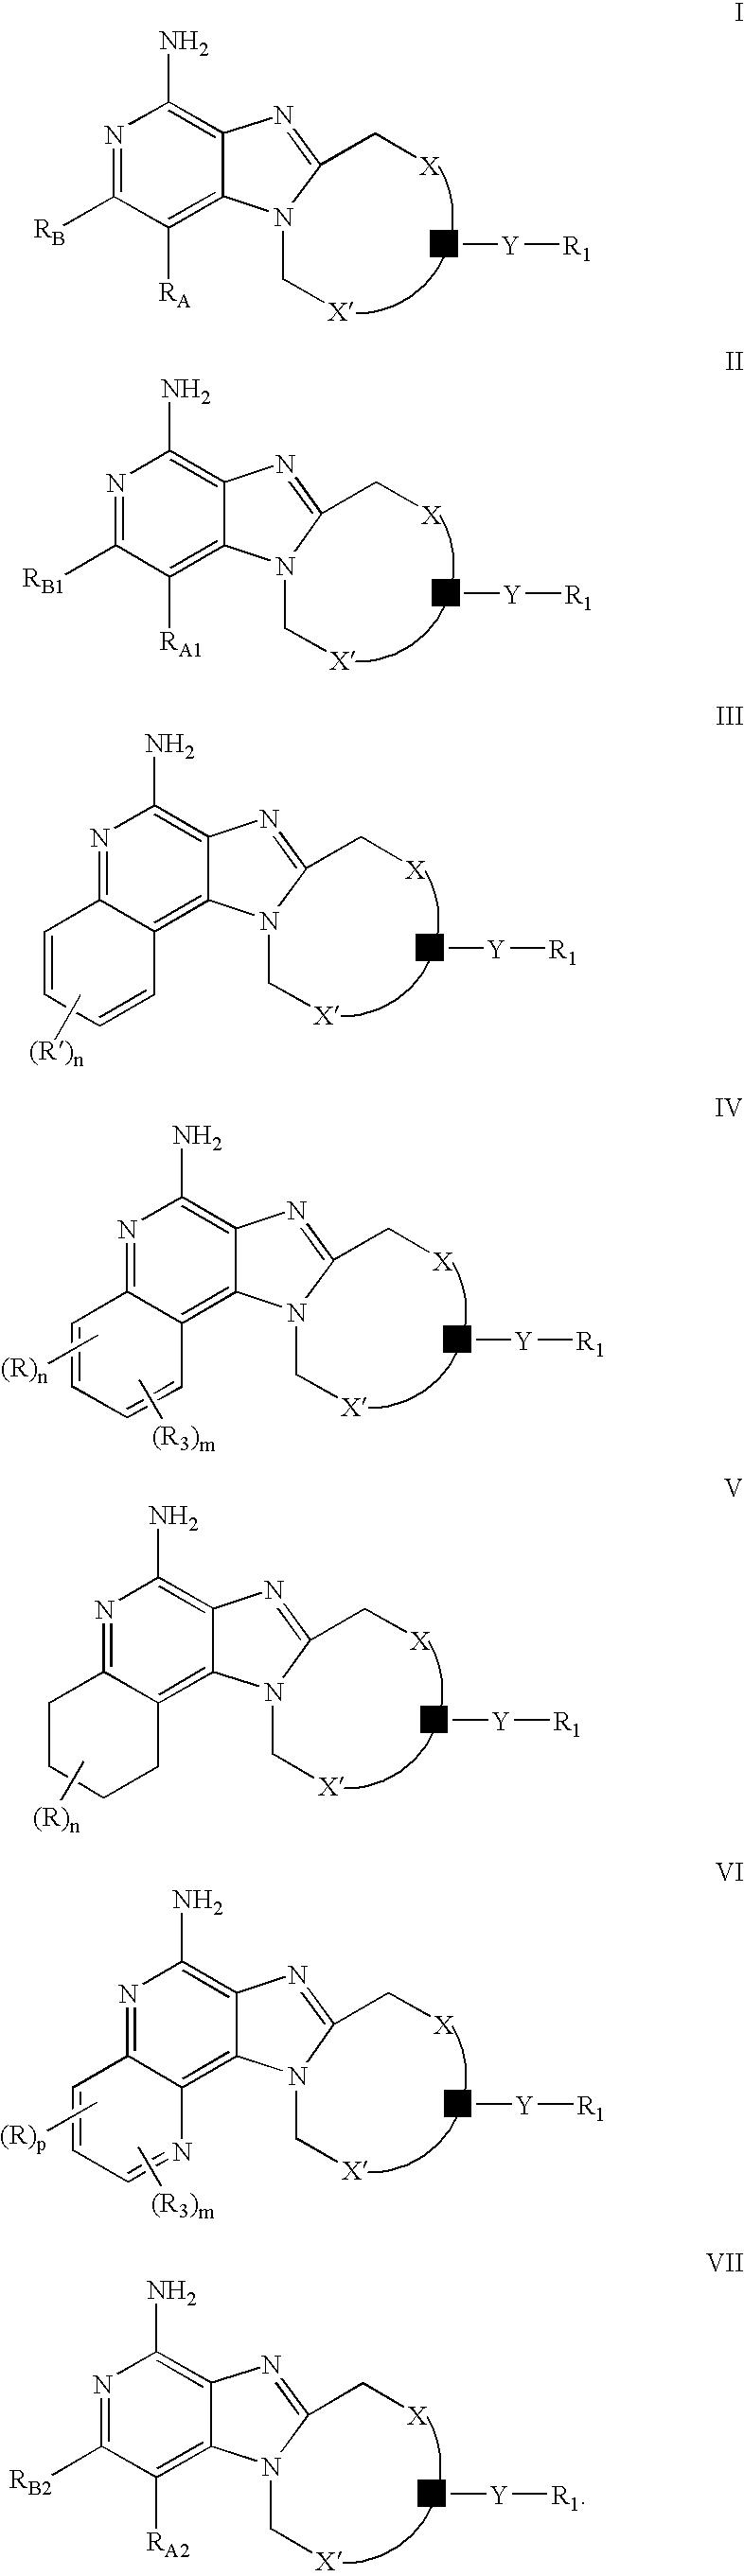 Figure US07888349-20110215-C00003